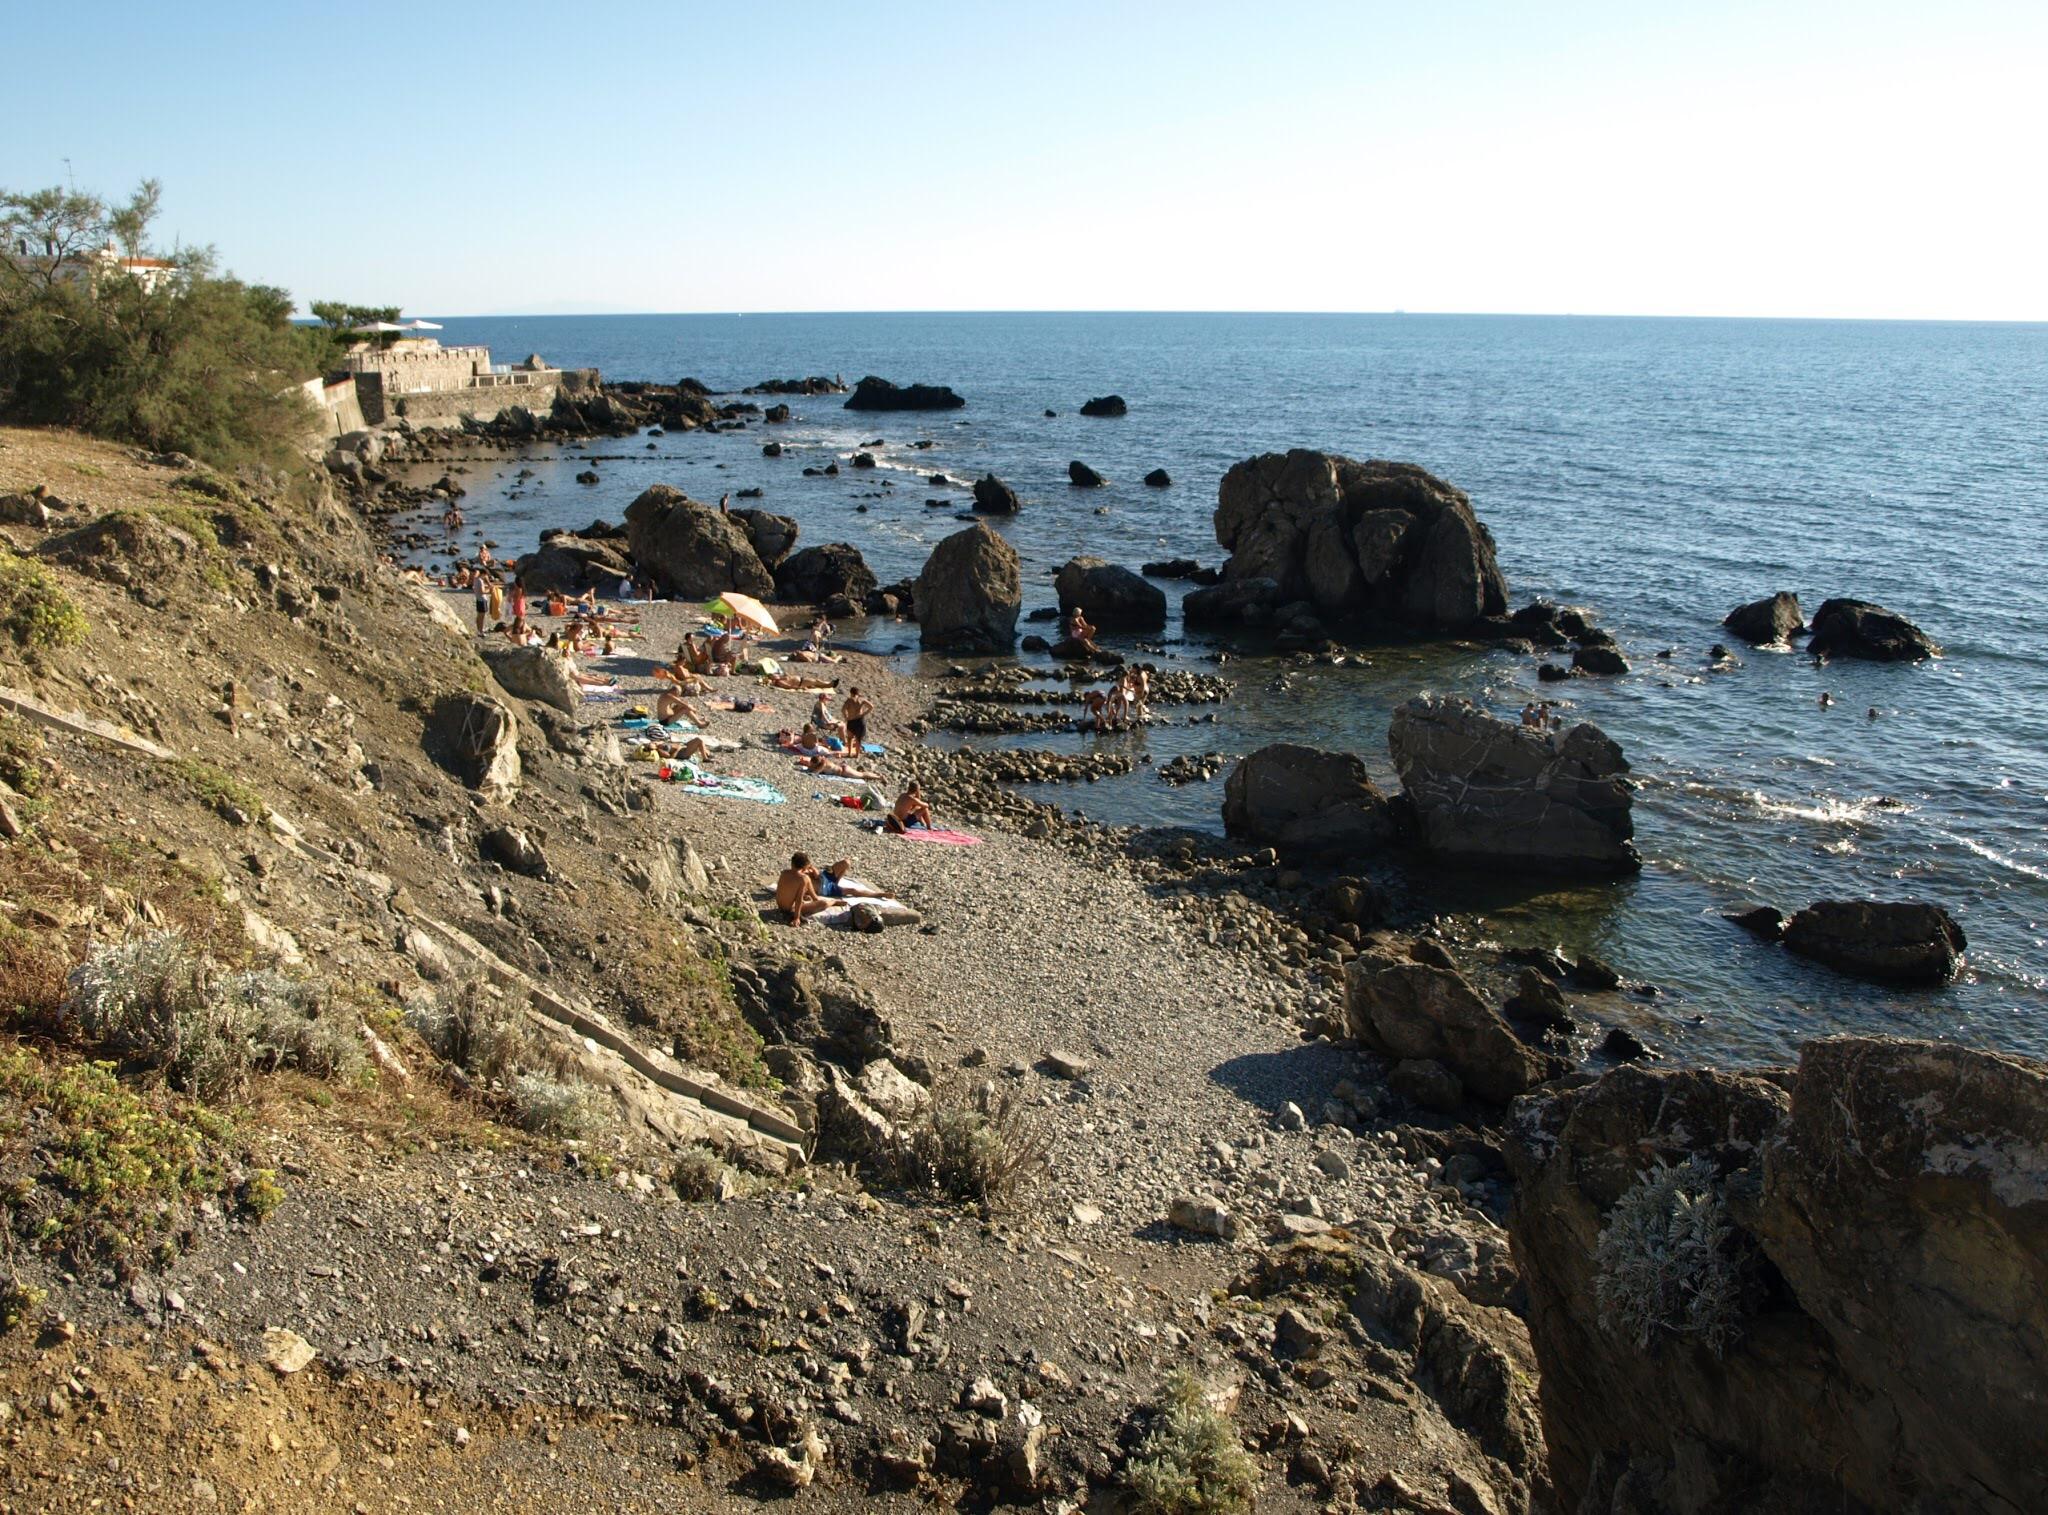 Spiagge, calette, scogli - Svelando Livorno